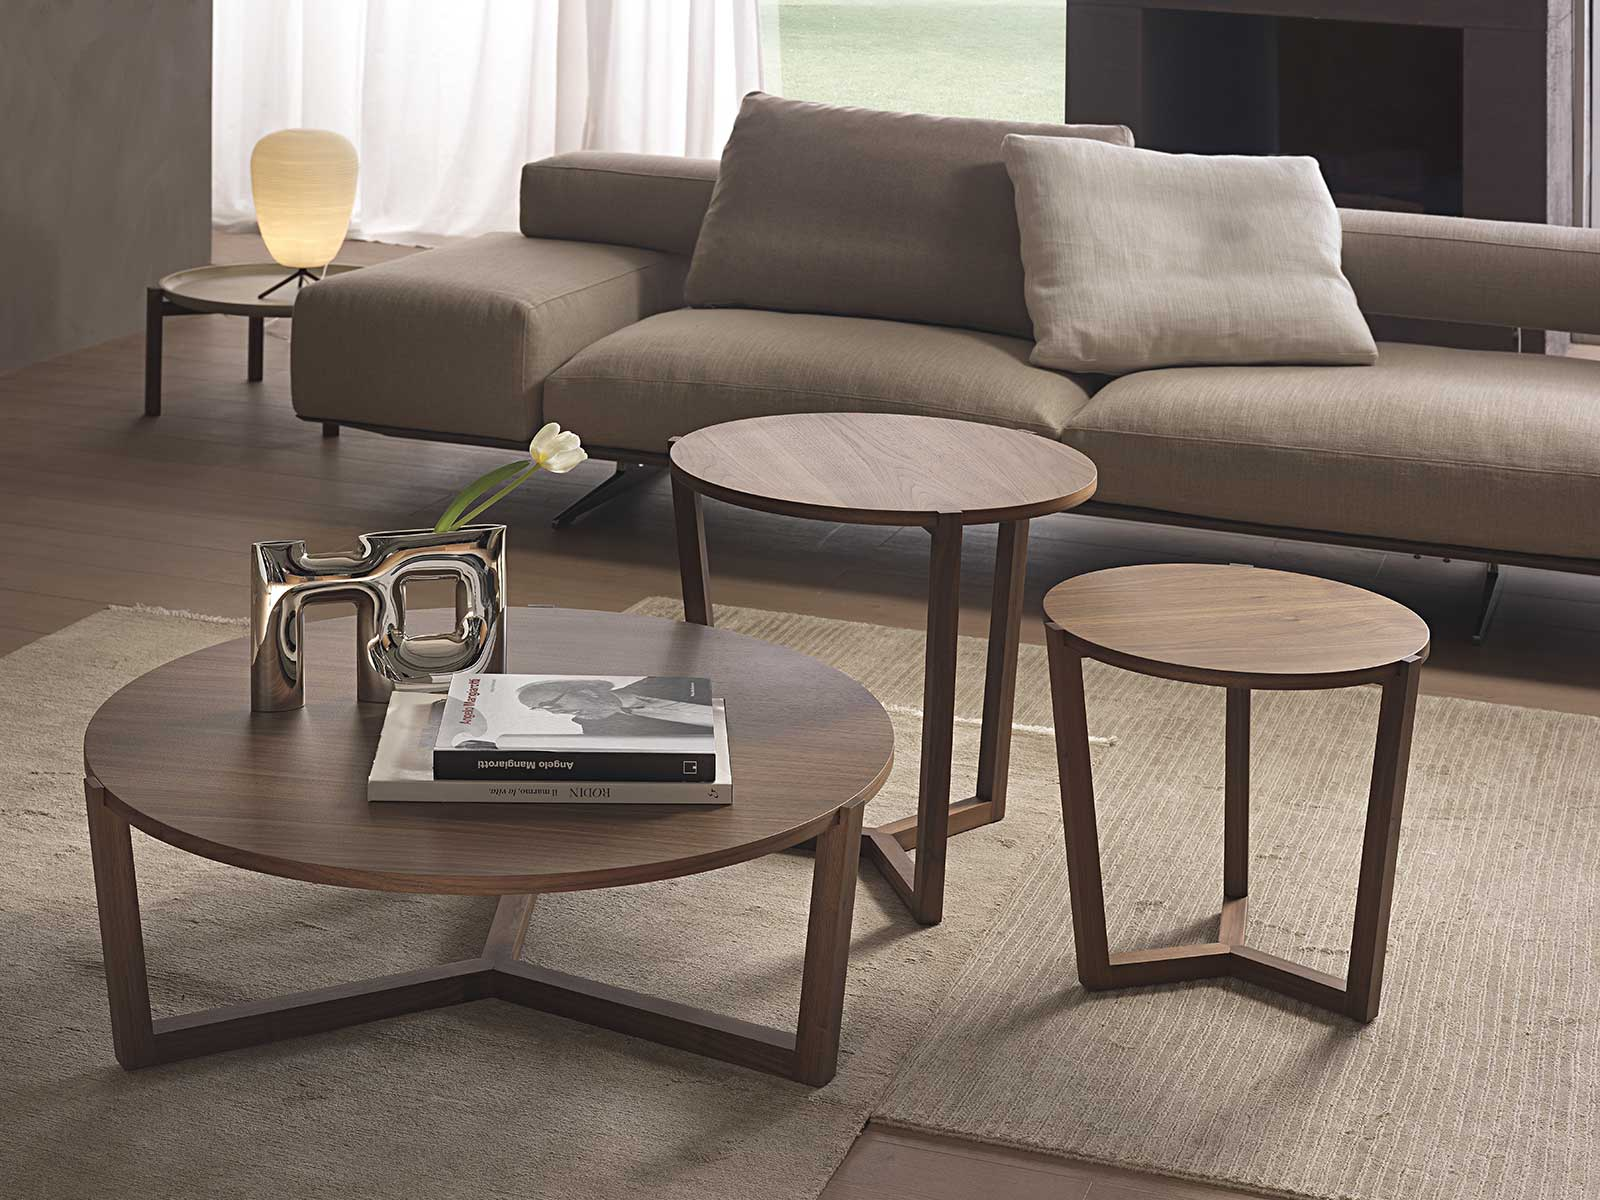 Table basse ronde en bois. Vente en ligne de tables basses et ameublement haut de gamme made in italy avec livraison gratuite.